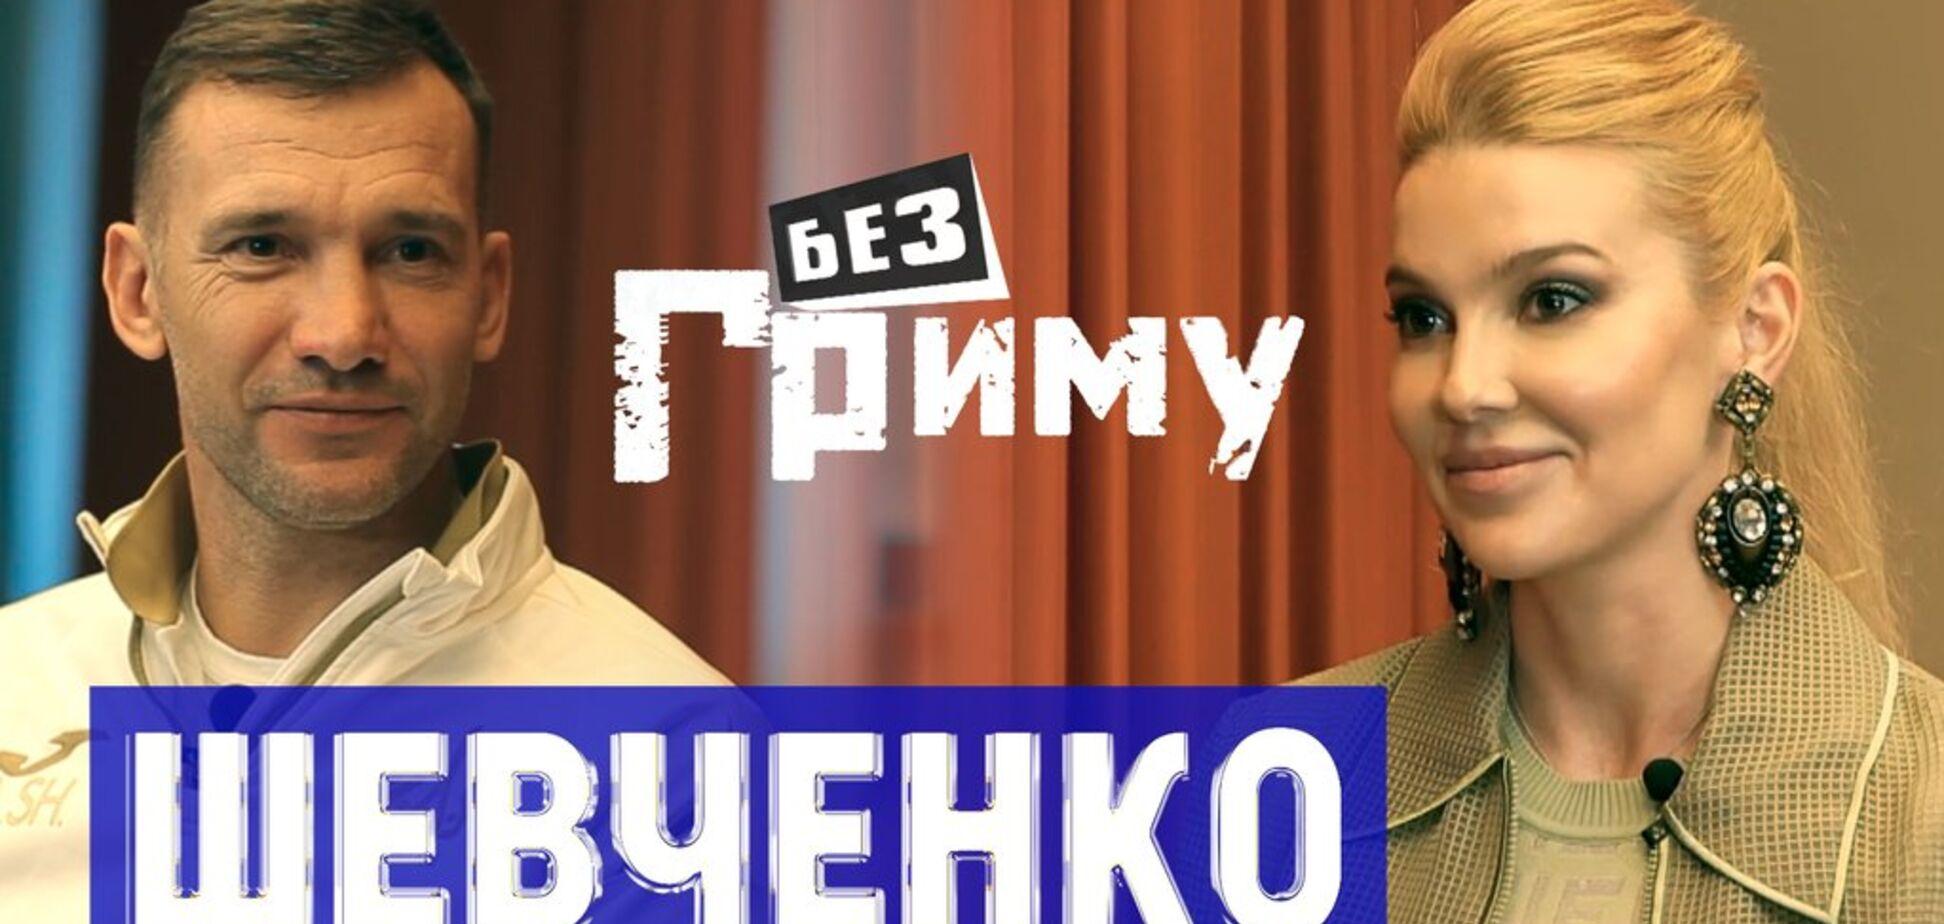 Я б переграв фінал Ліги чемпіонів проти 'Ліверпуля' – Андрій Шевченко в бліц-шоу 'Без гриму'